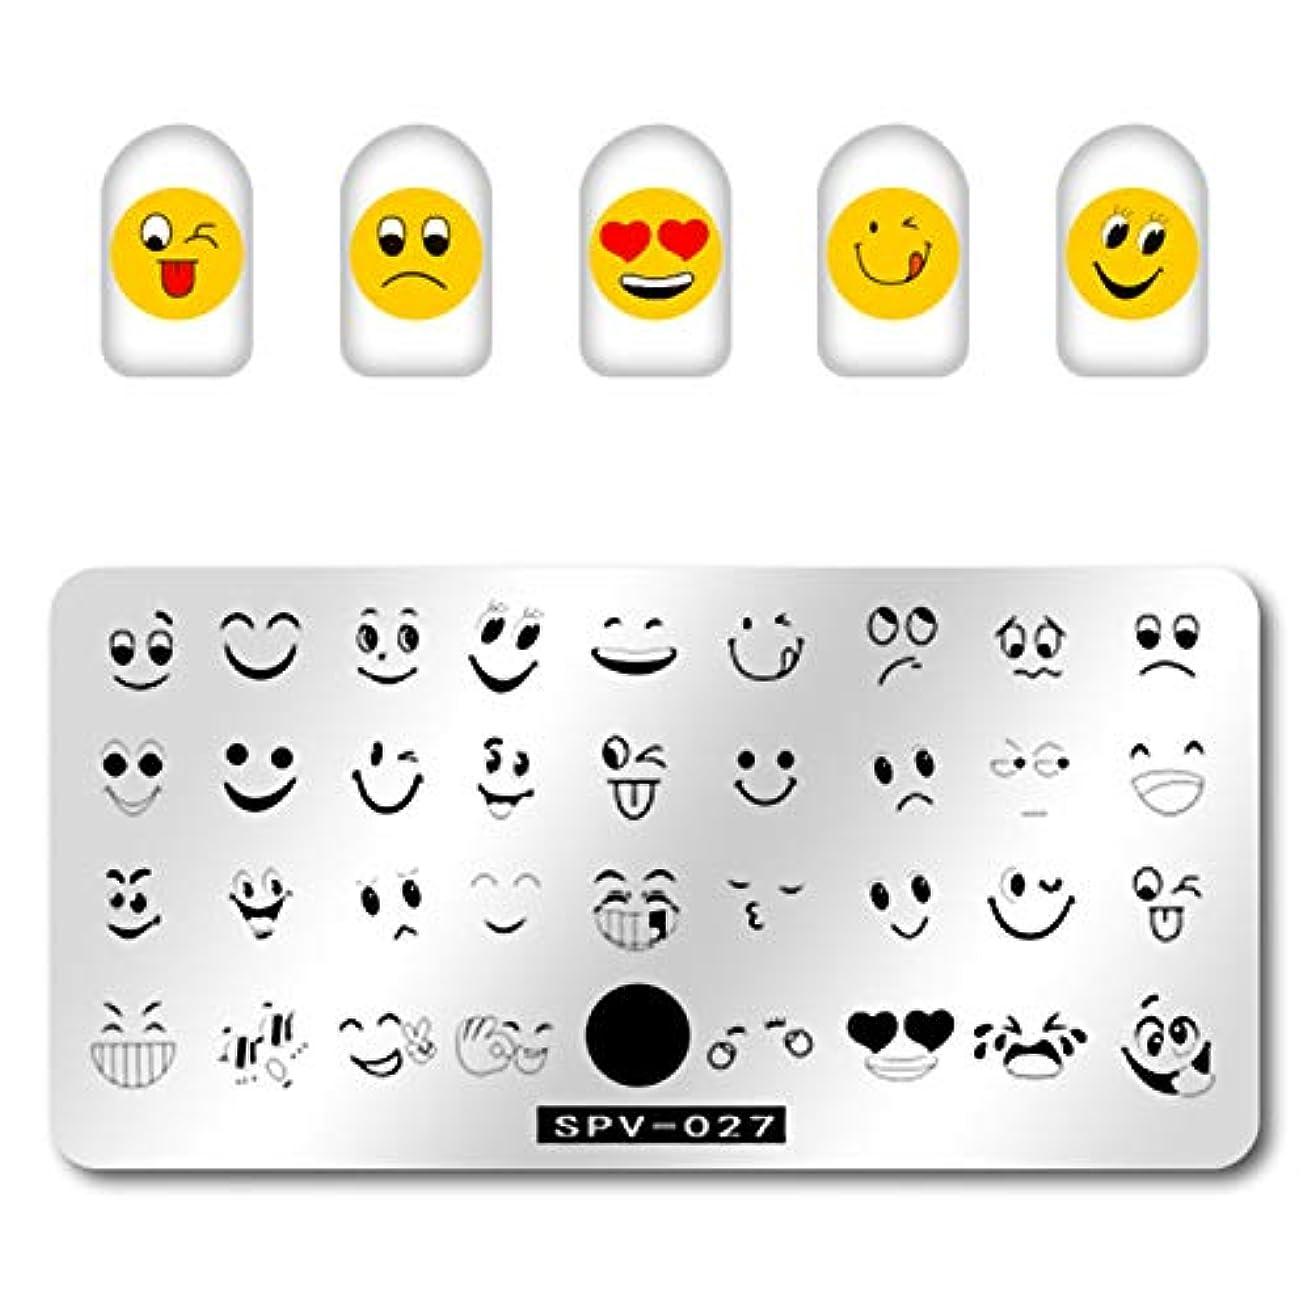 メイン結核ピッチOU-Kunmlef 1Pcs New Stainless Steel Flower Emoji Star DIY Nail Art Image Stamp Stamping Plates Manicure Template...